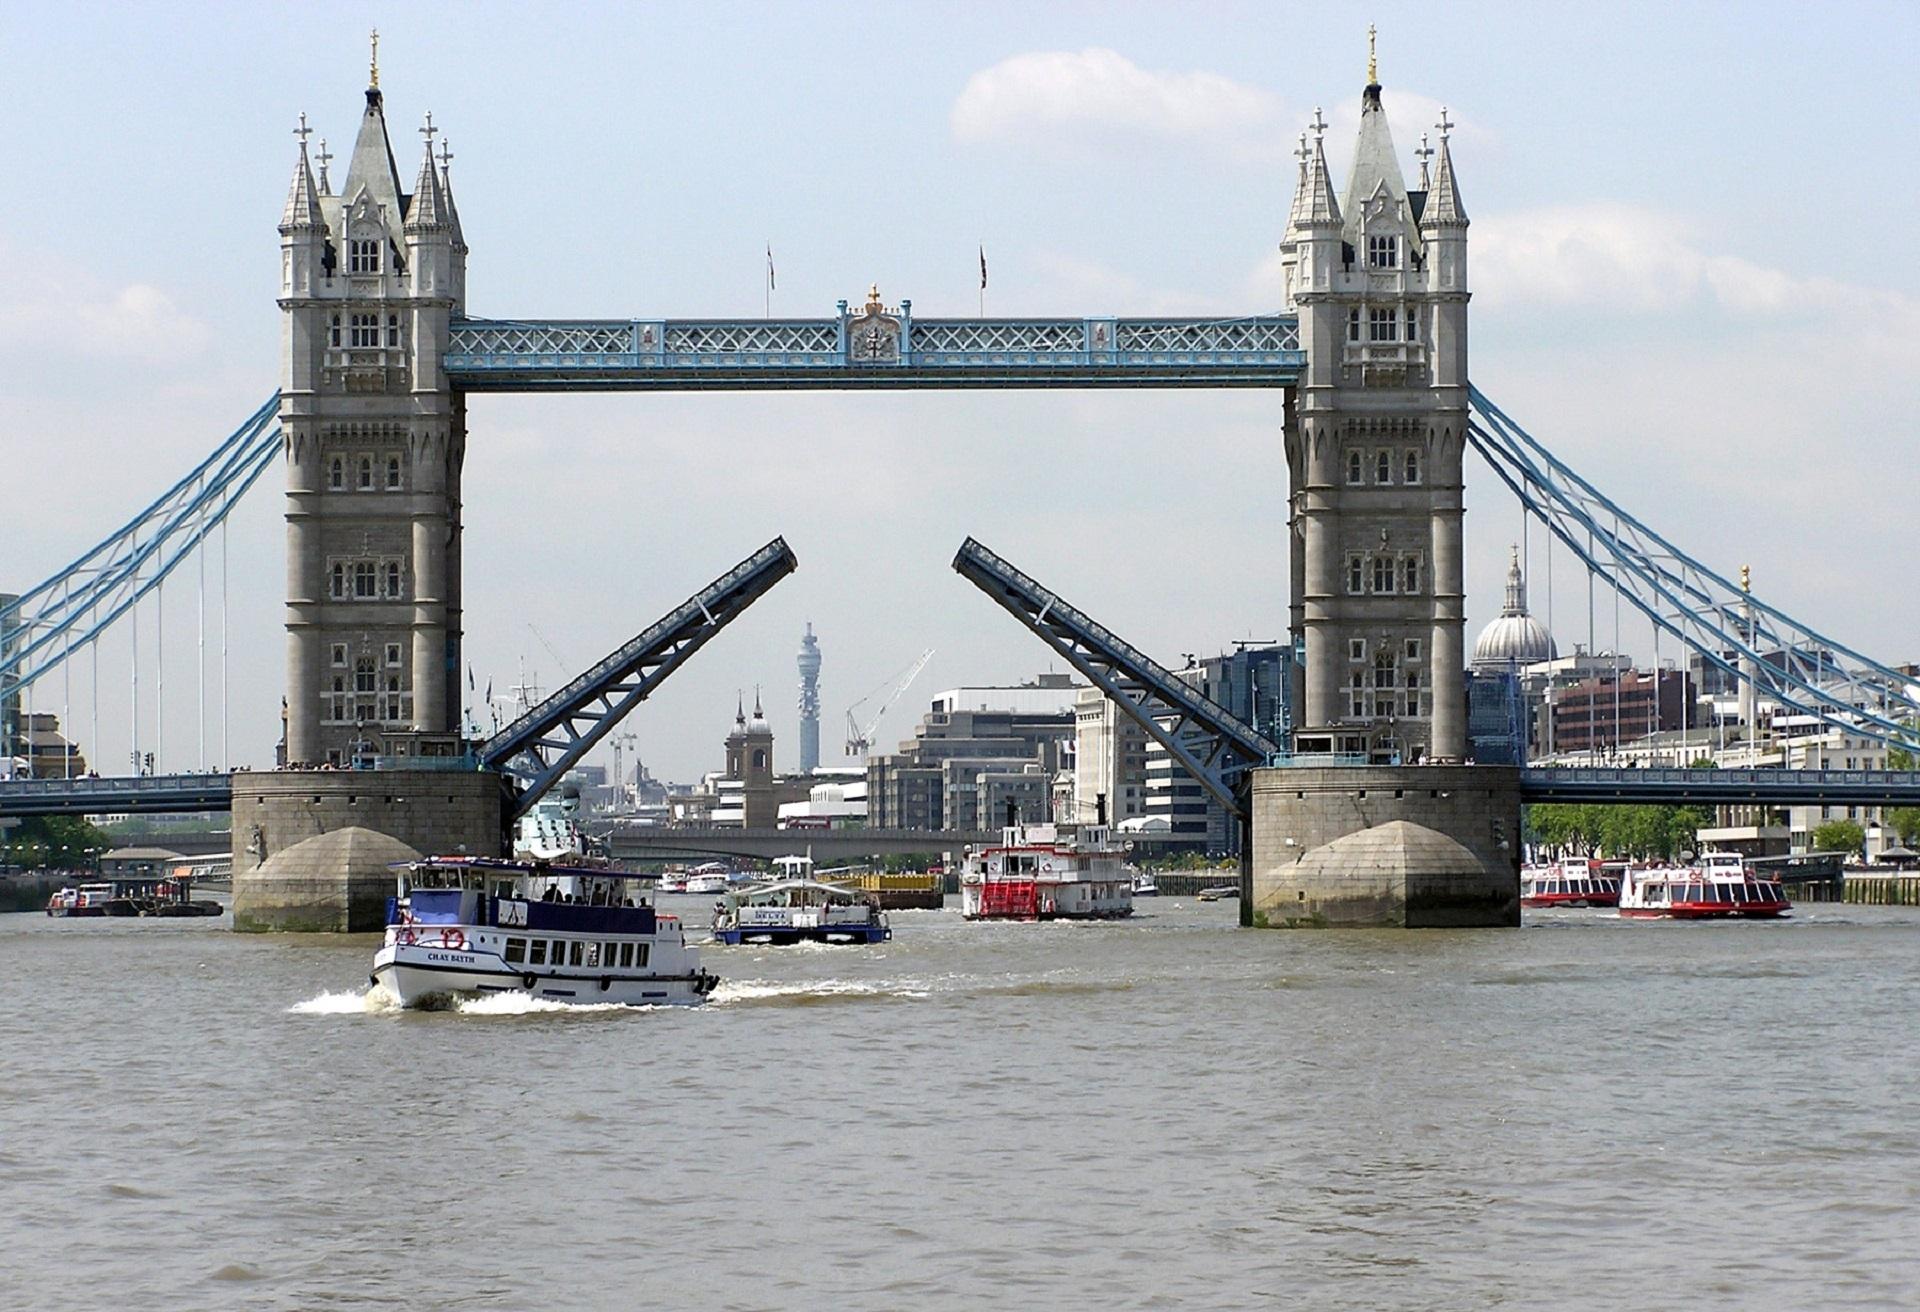 Tower bridge, Architecture, Bridge, City, Construction, HQ Photo